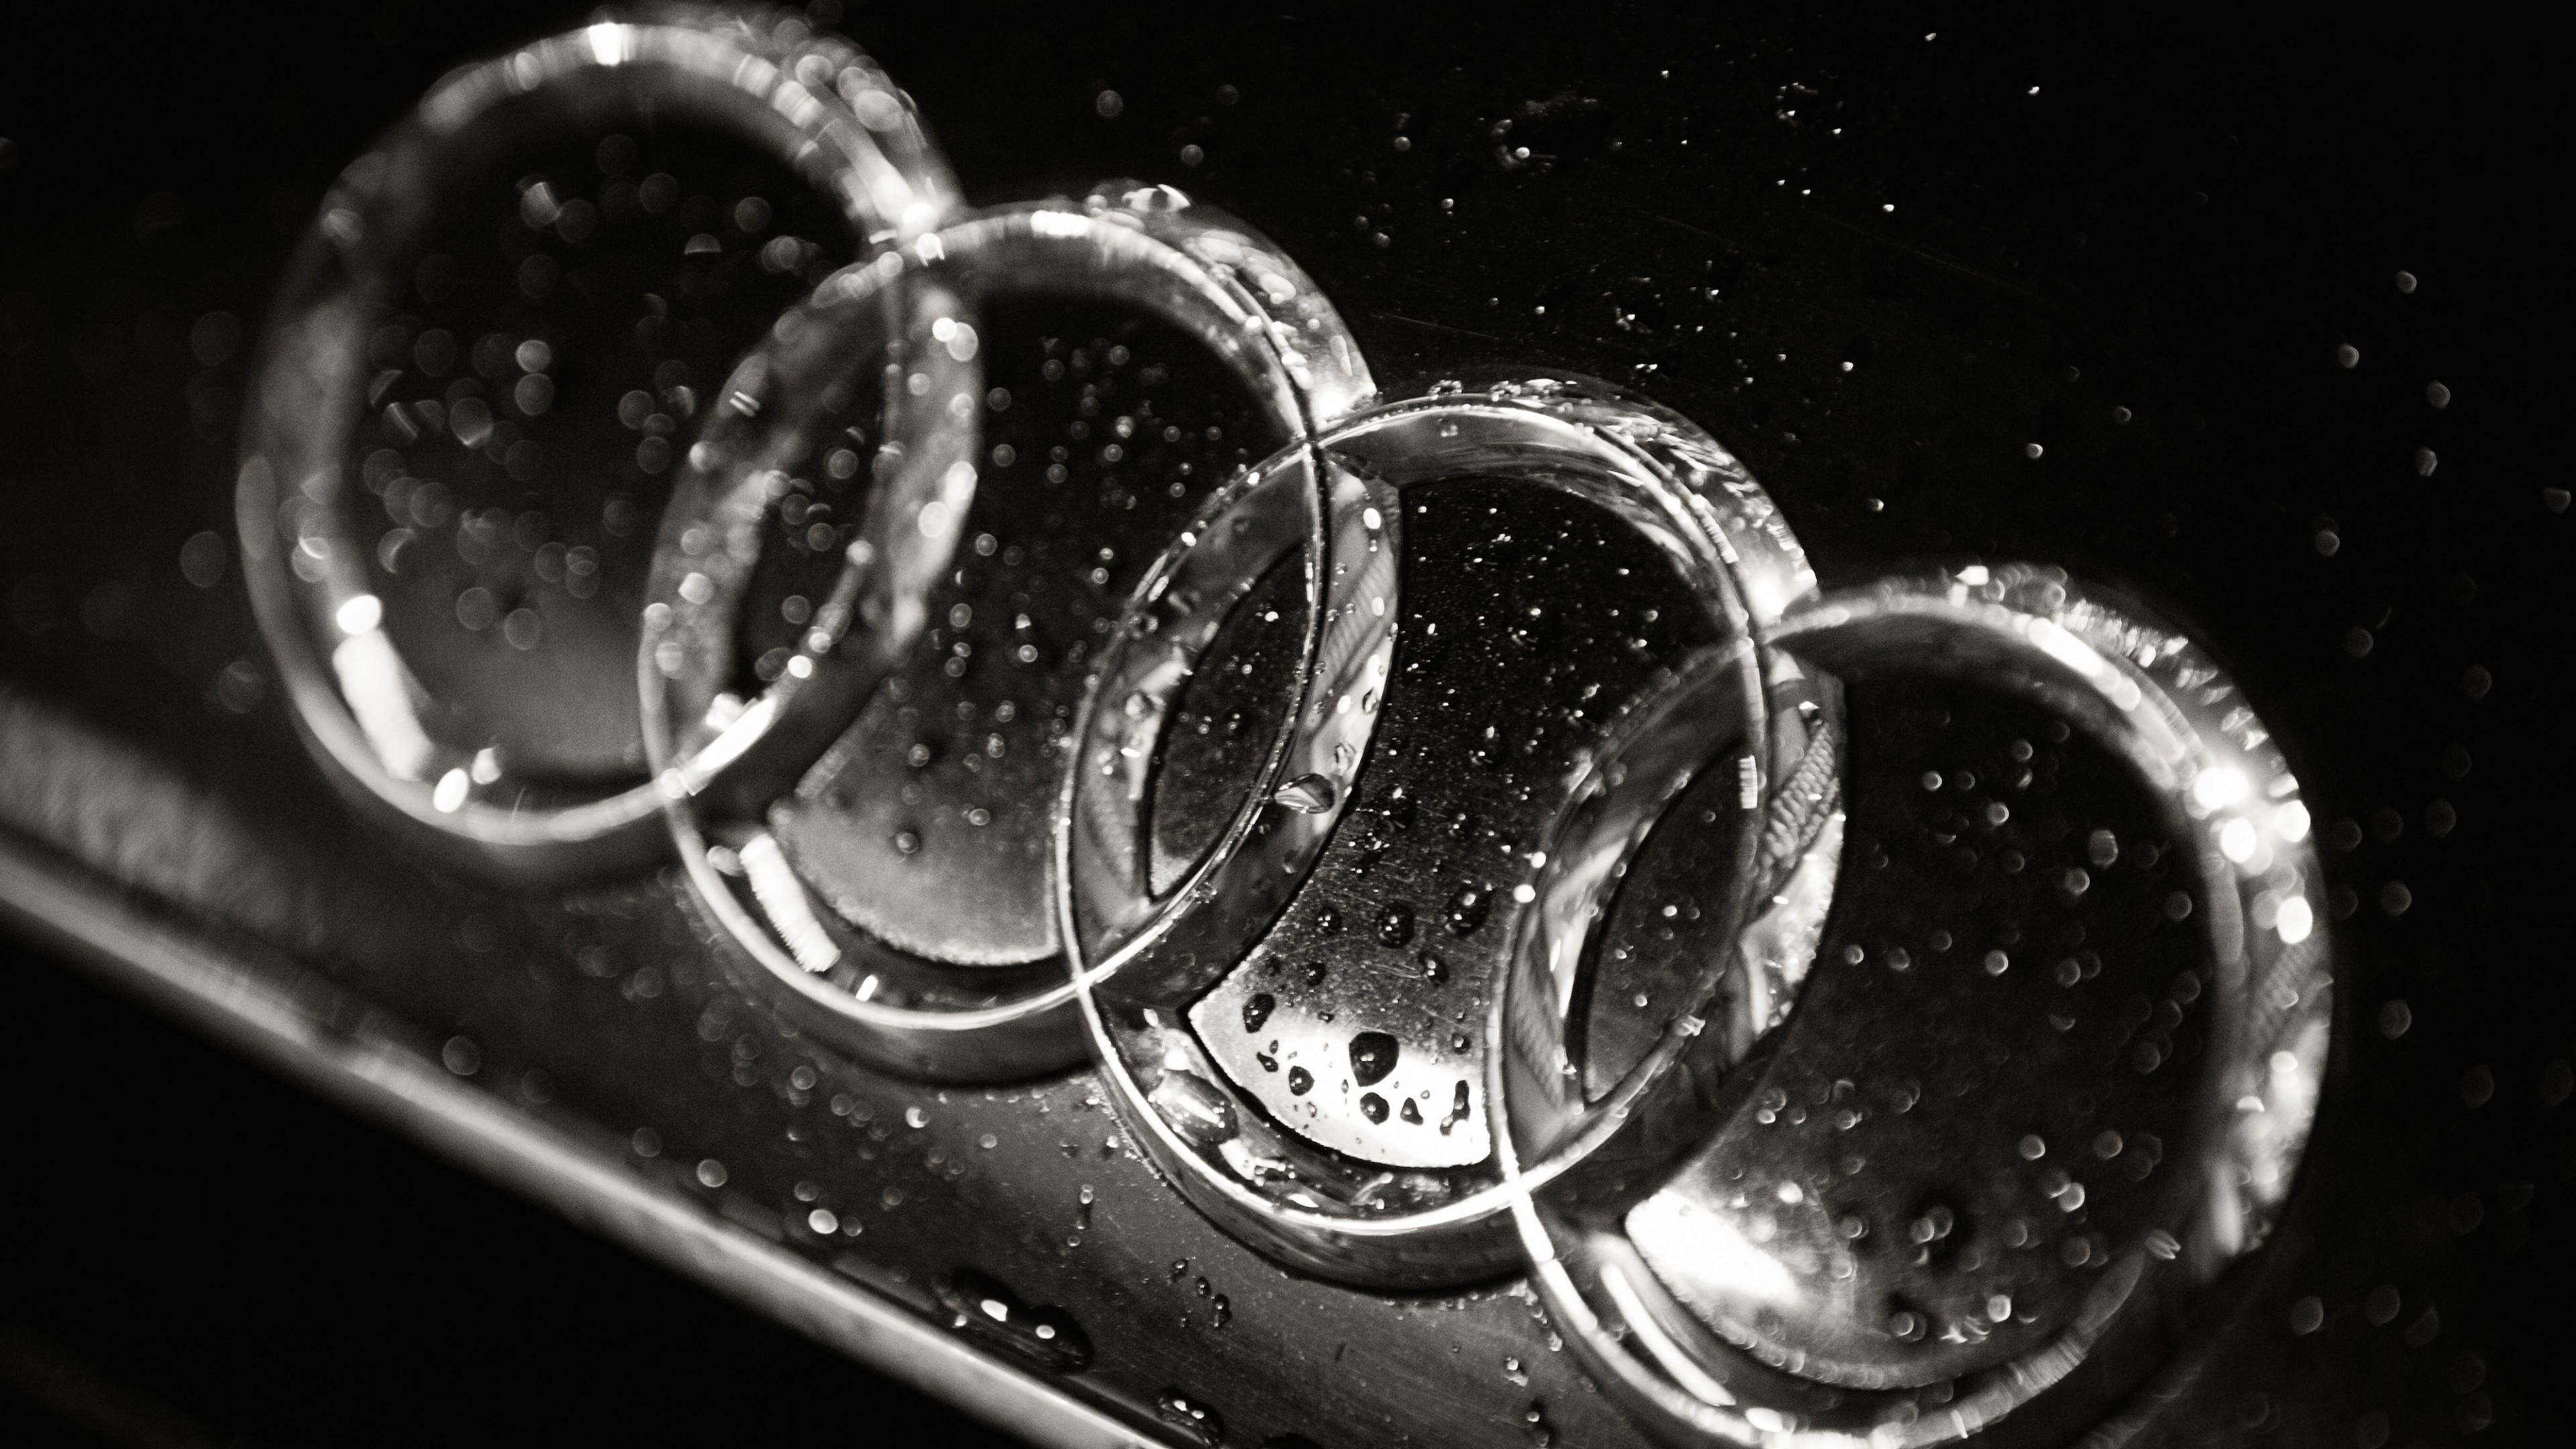 15294 Audi Logo 4K UHD Wallpaper 38402160 3840x2160